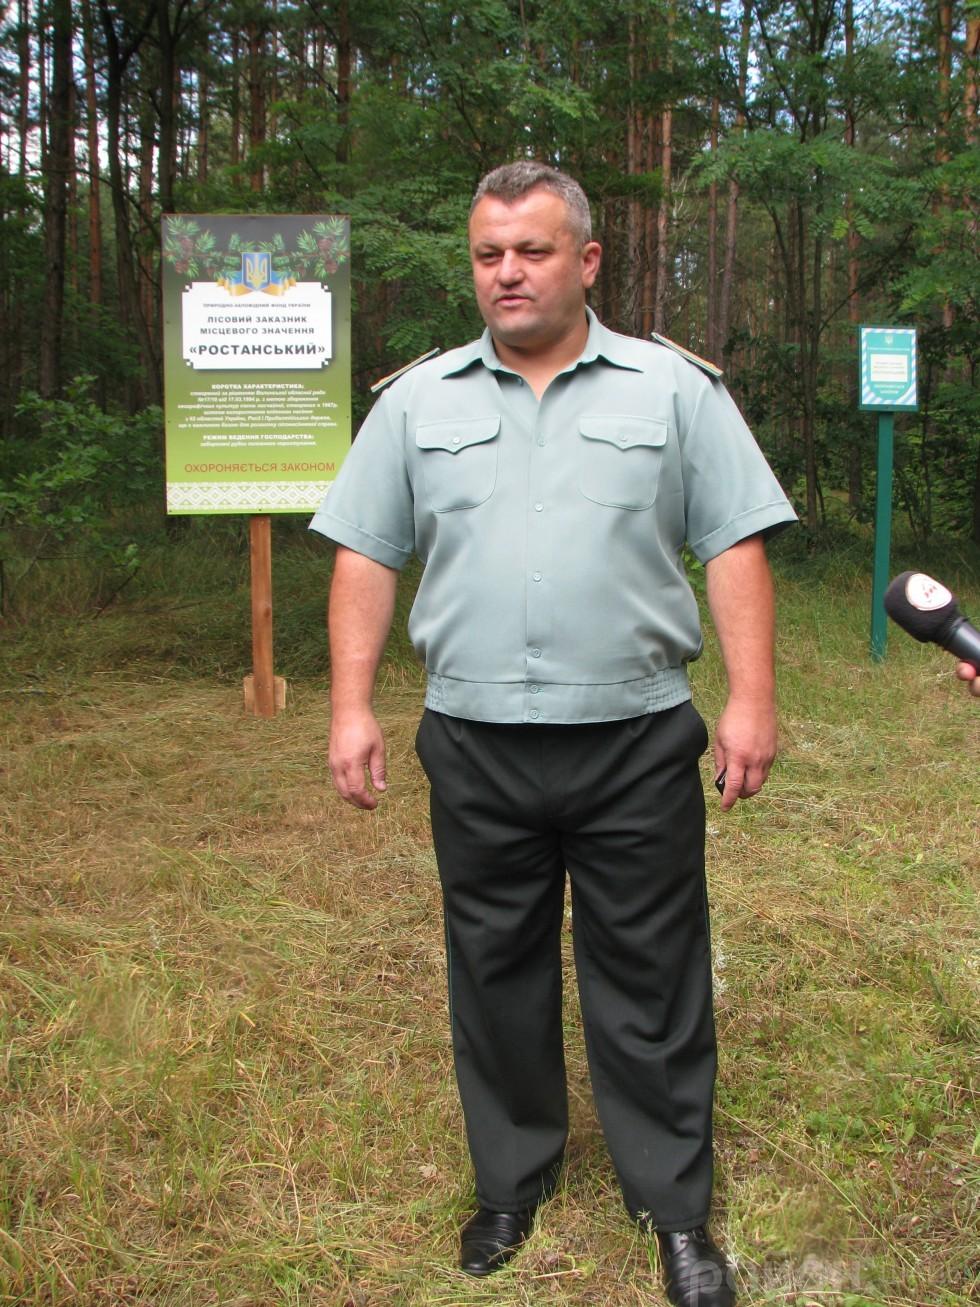 Лісничий Ростанського лісництва Сергій Лагодич